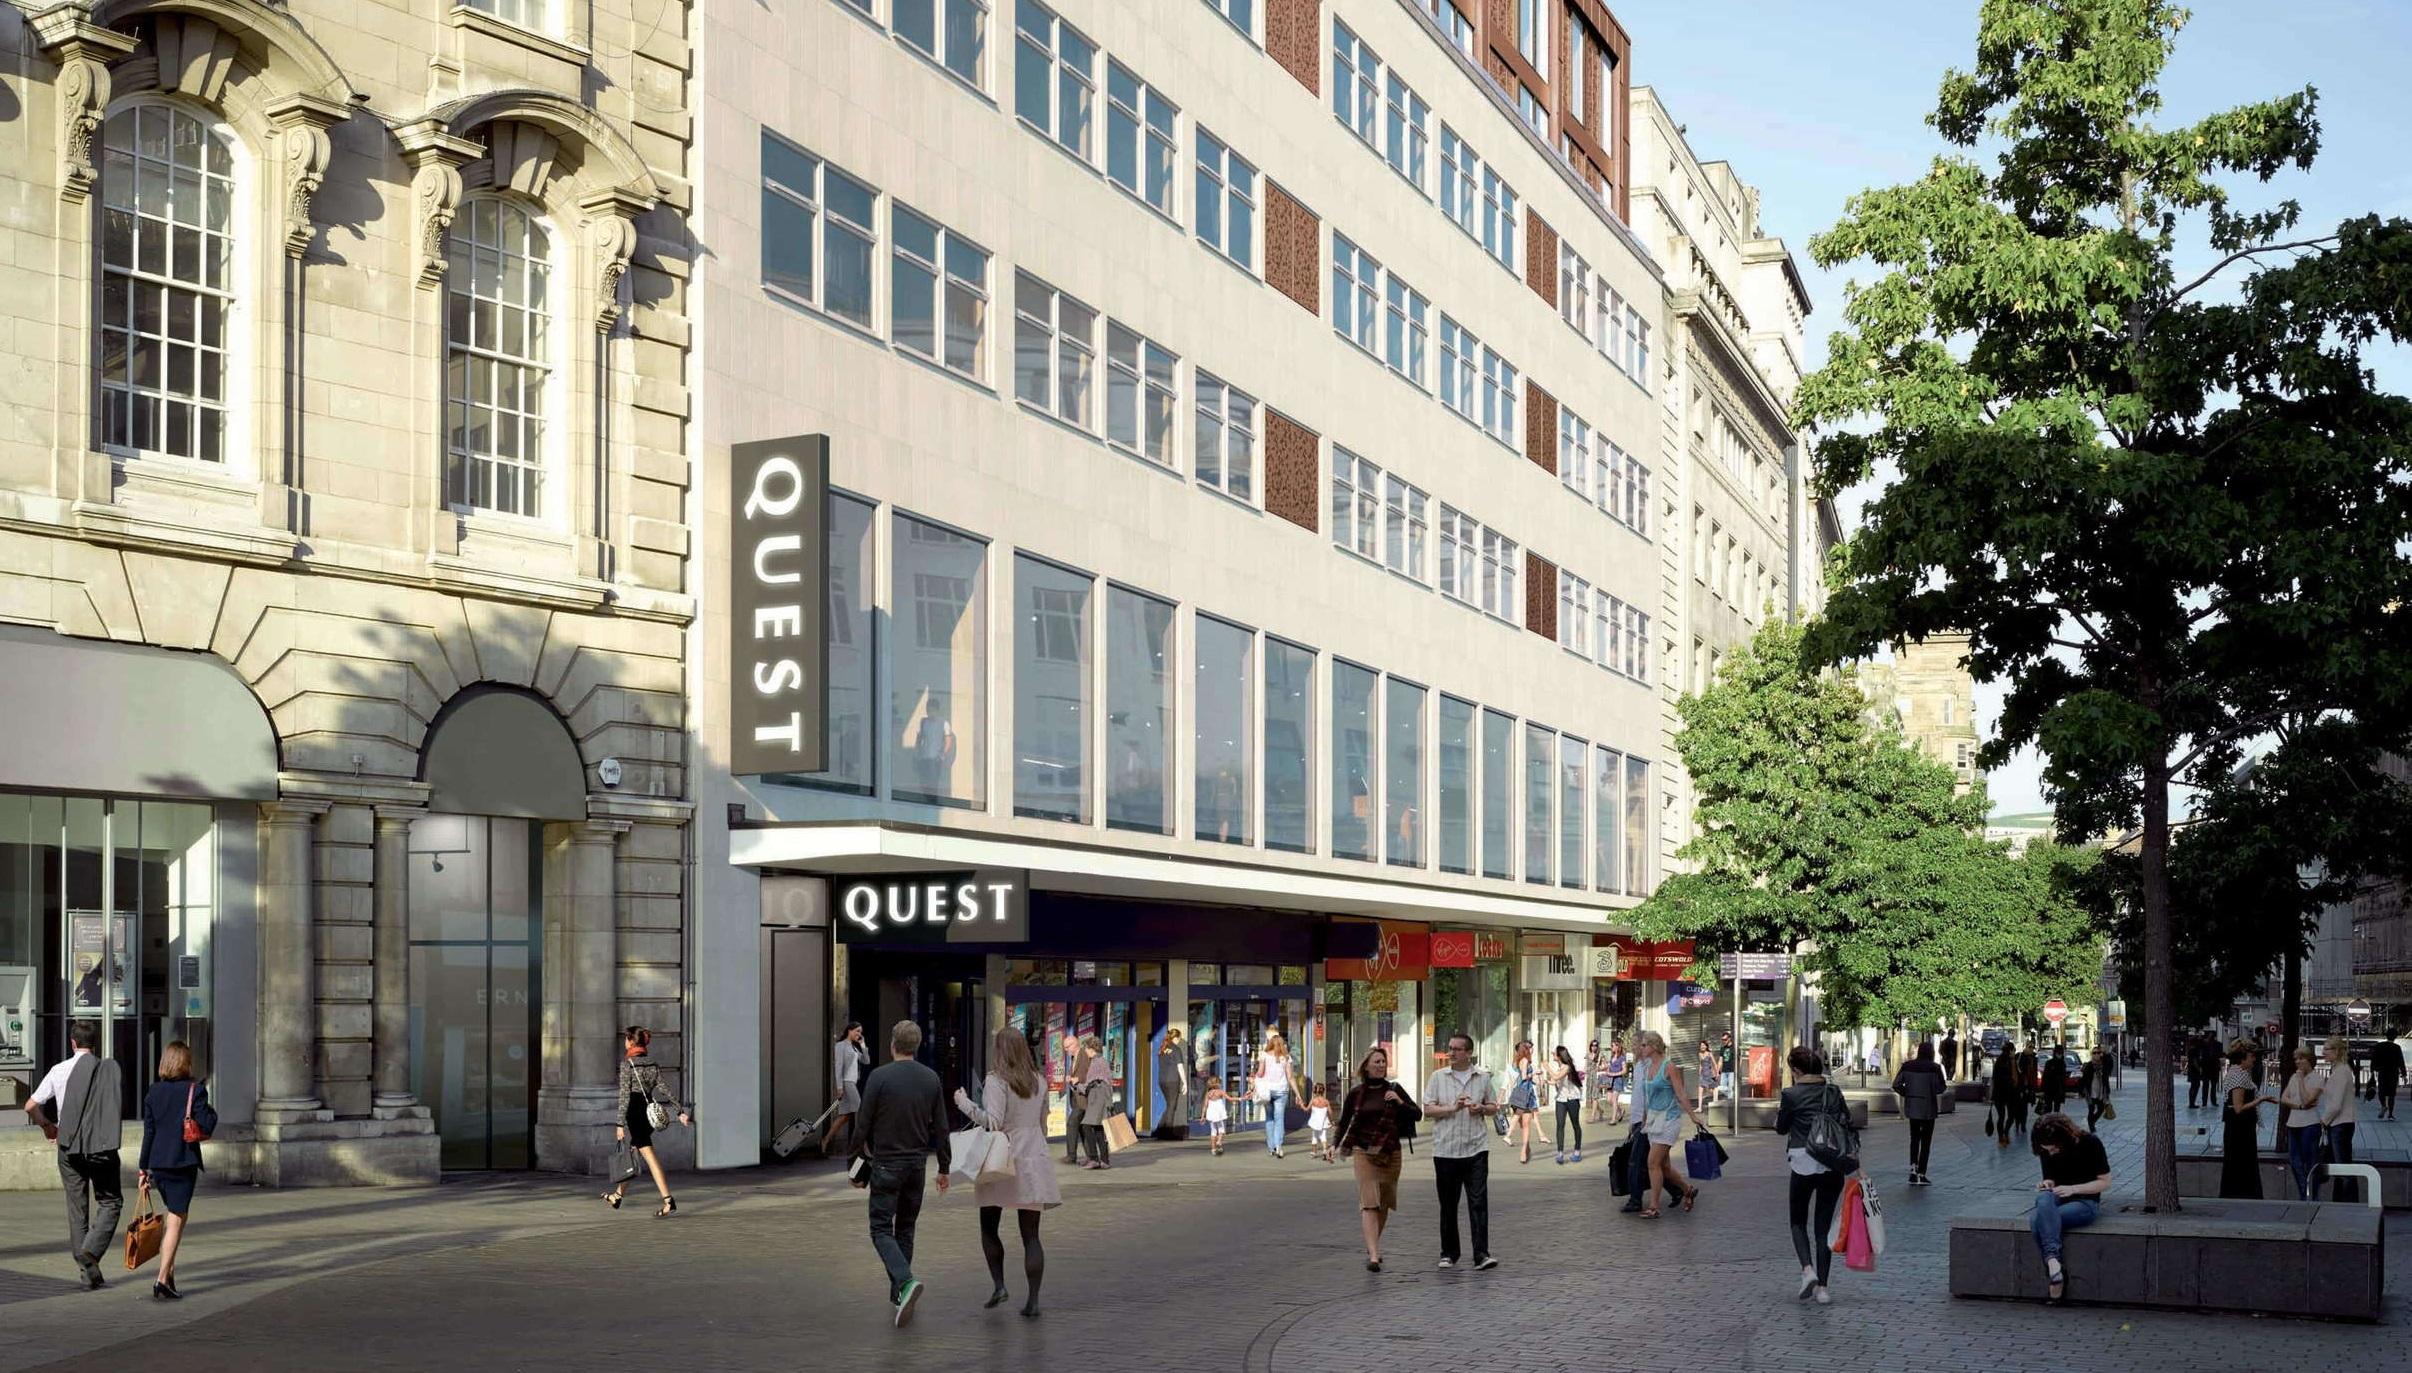 Quest Liverpool City Centre